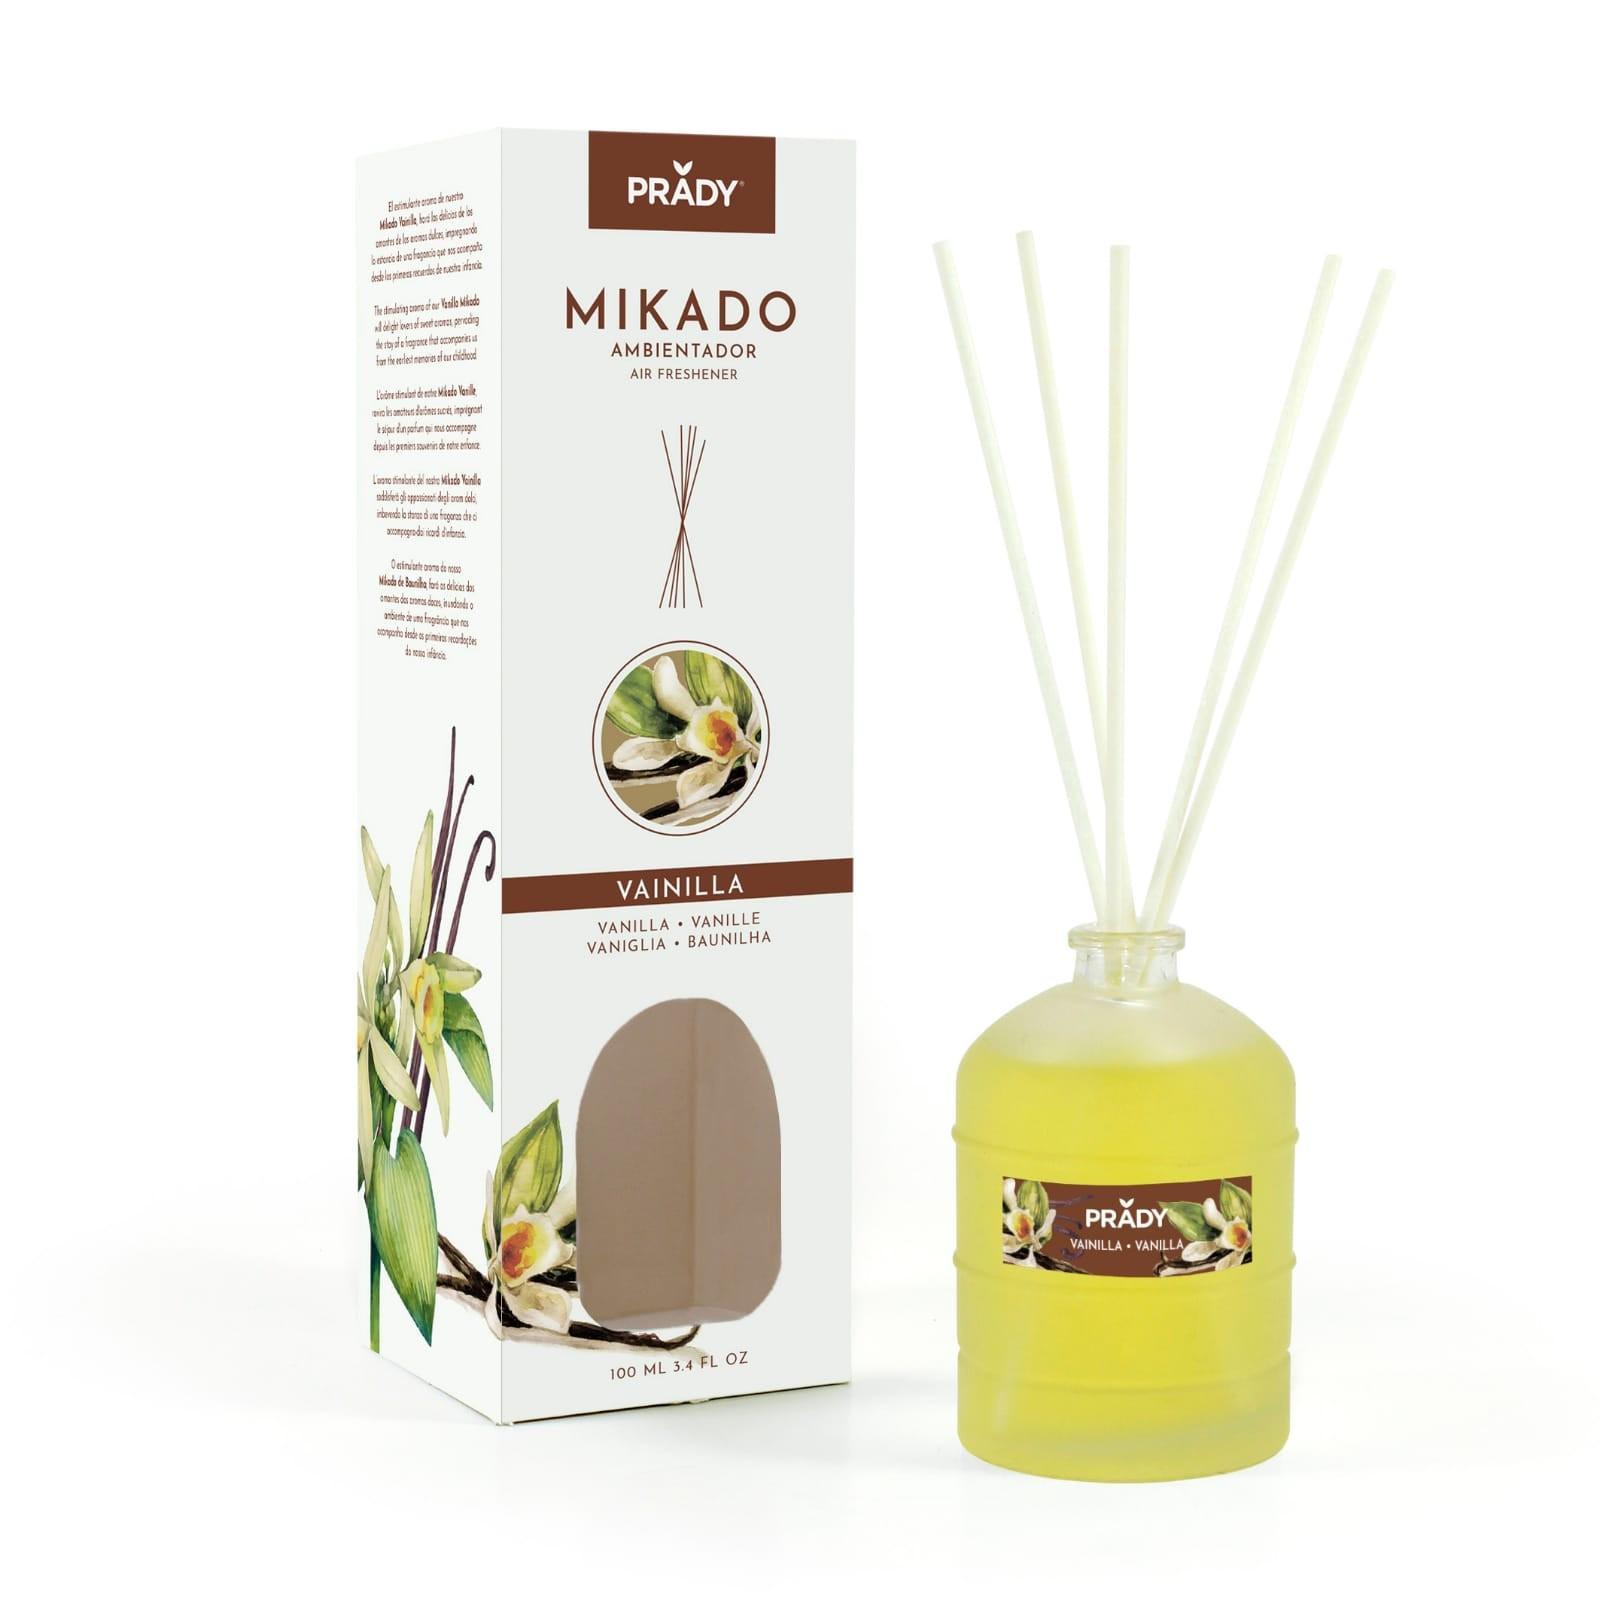 Ambientador Mikado Vainilla 100 ml. Prady